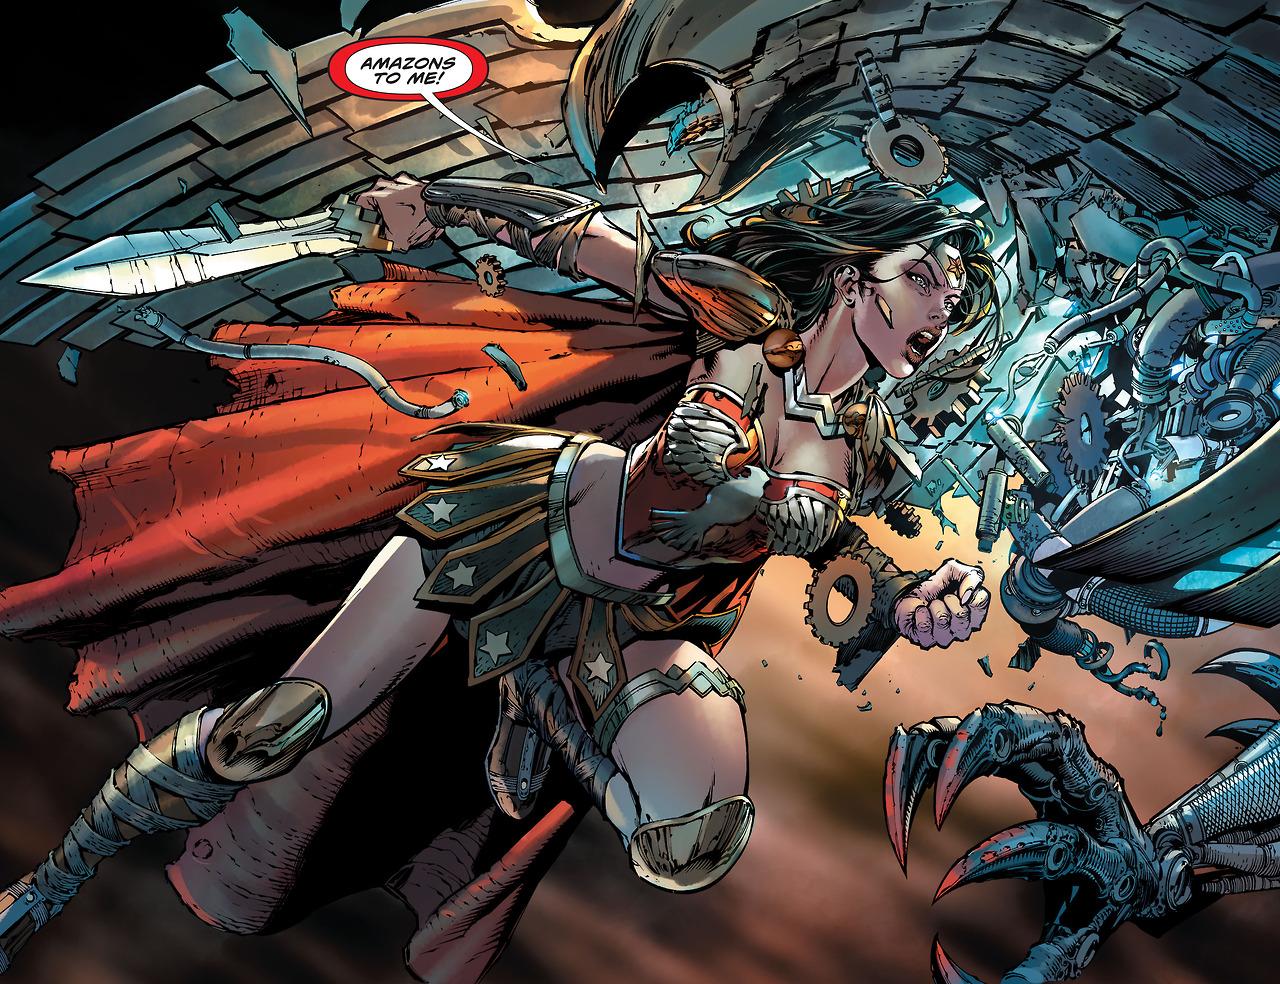 The Cheetah Girls As Wallpaper Comic Book Storytelling Wonder Woman 36 39 Nerditis